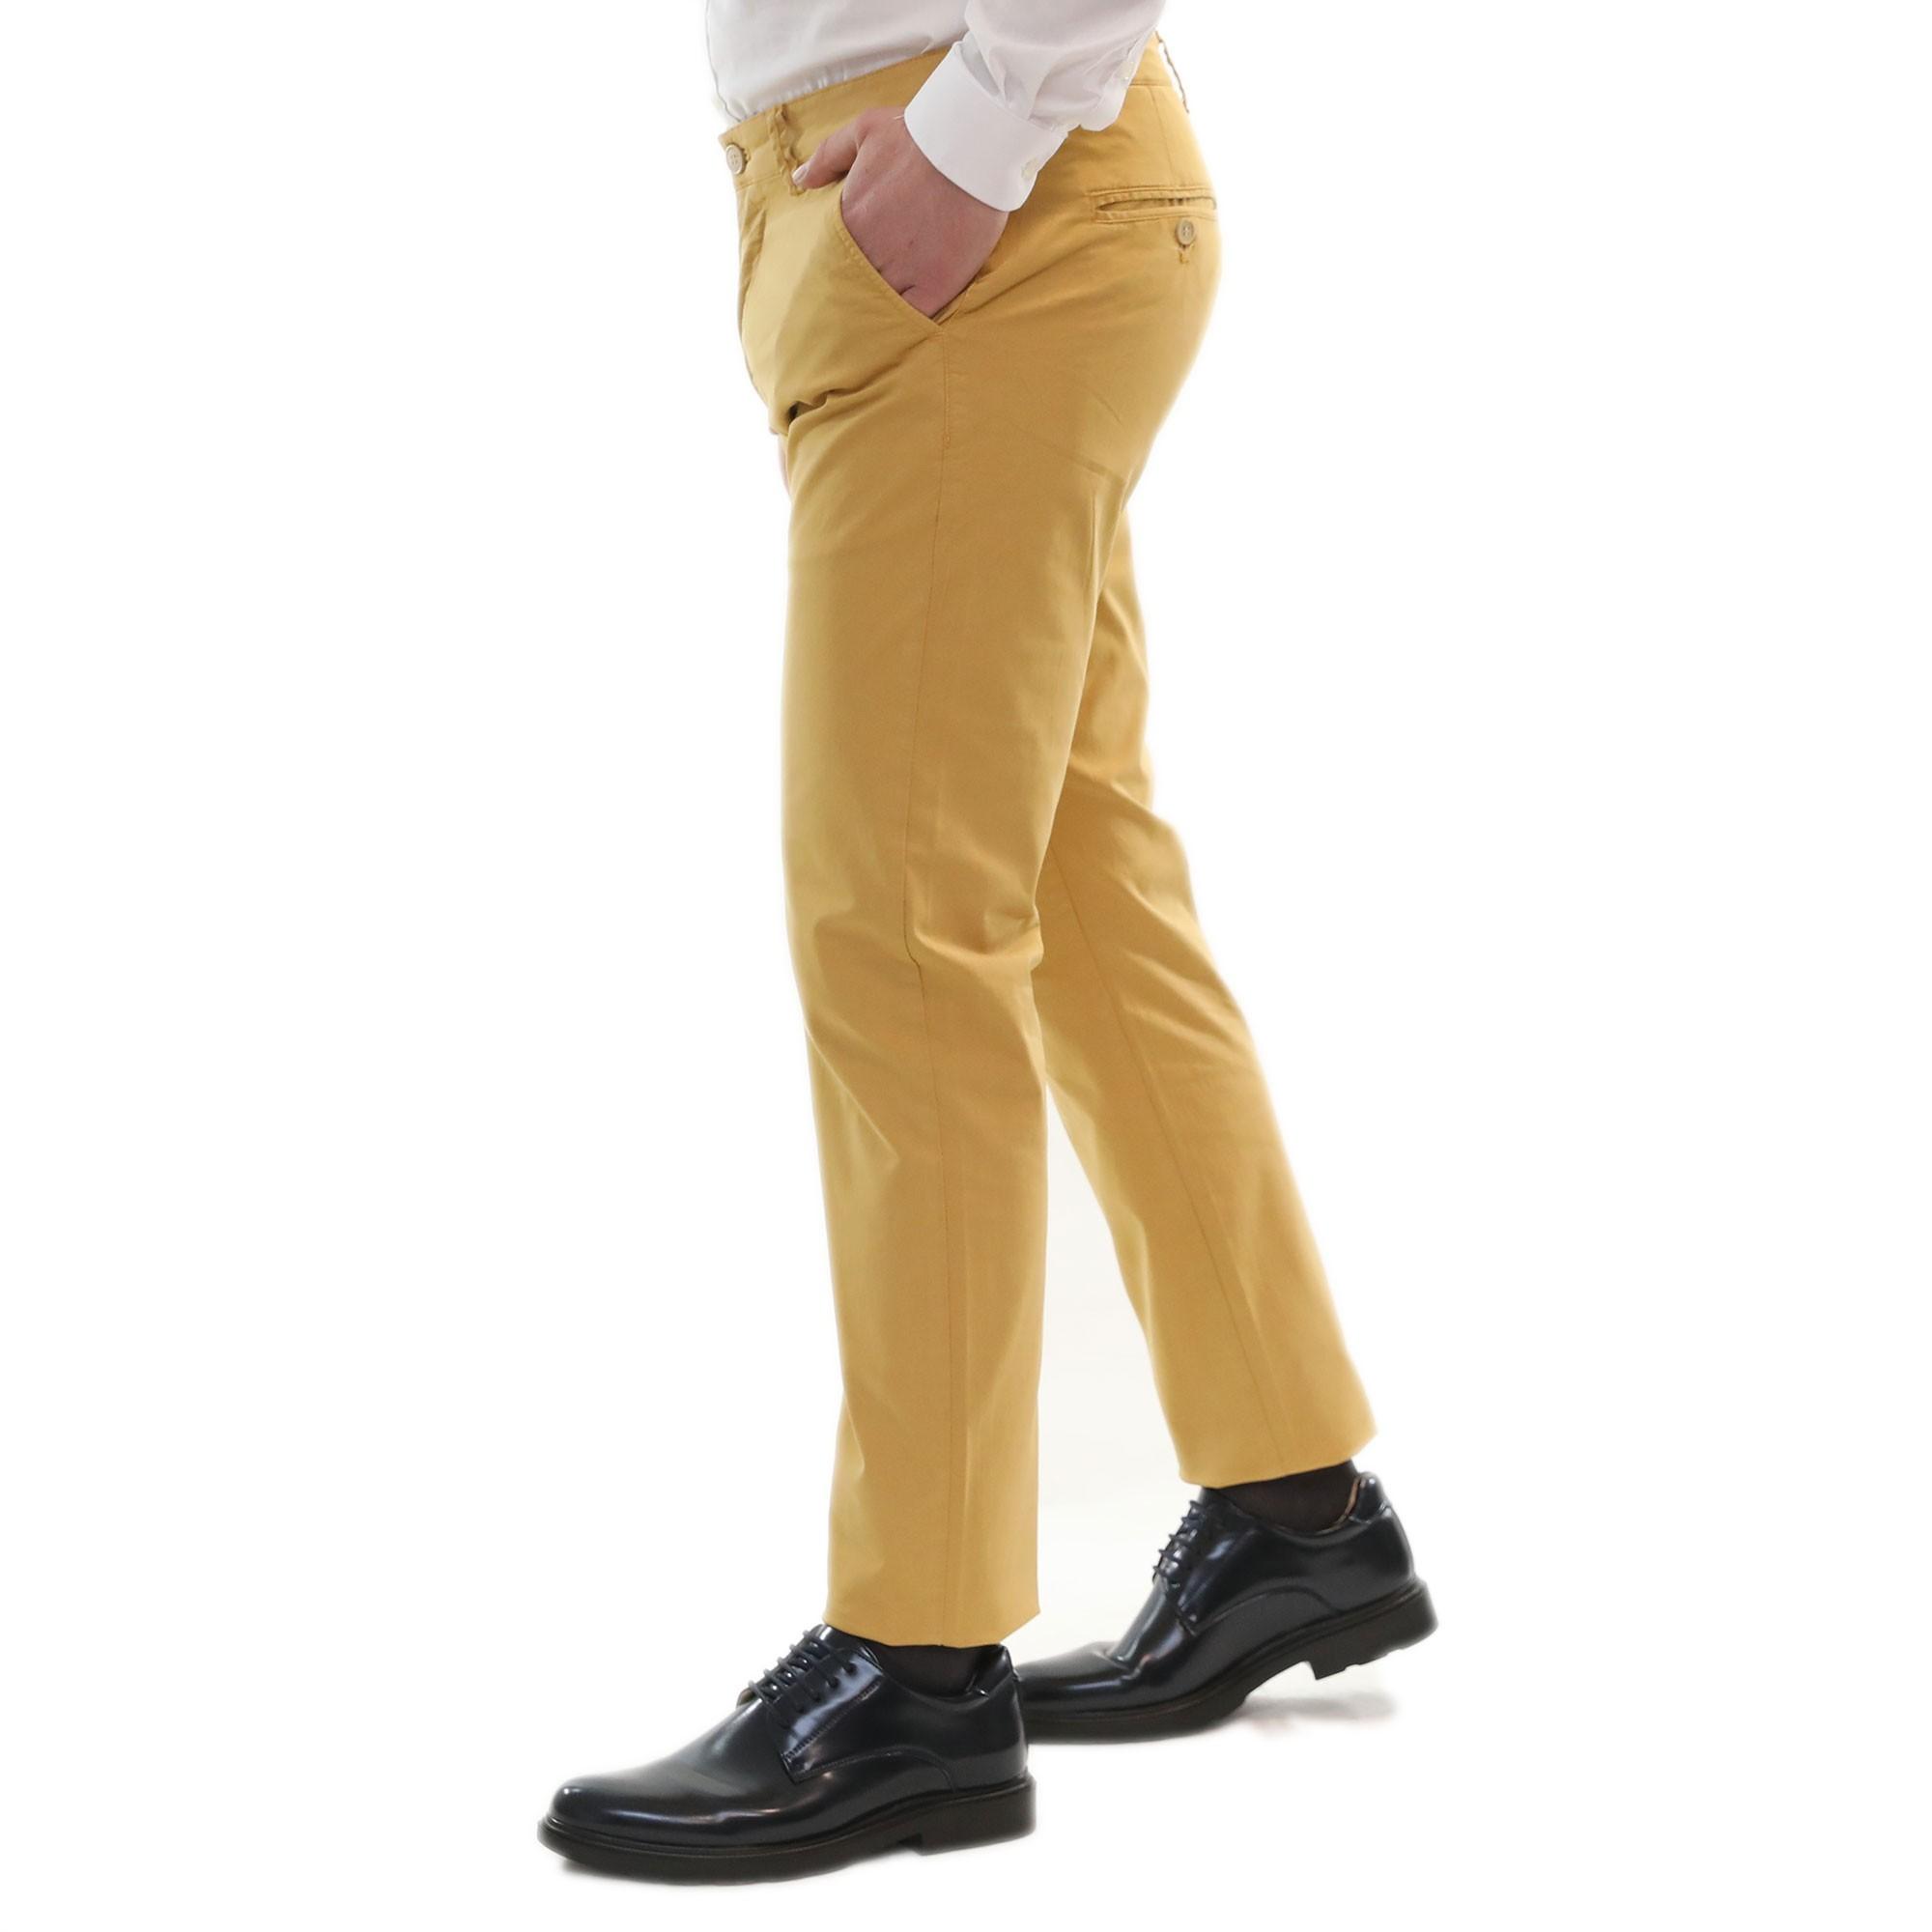 Pantalone-Uomo-Estivo-Cotone-Leggero-Chino-Slim-Fit-Elegante-Tasche-America miniatura 7